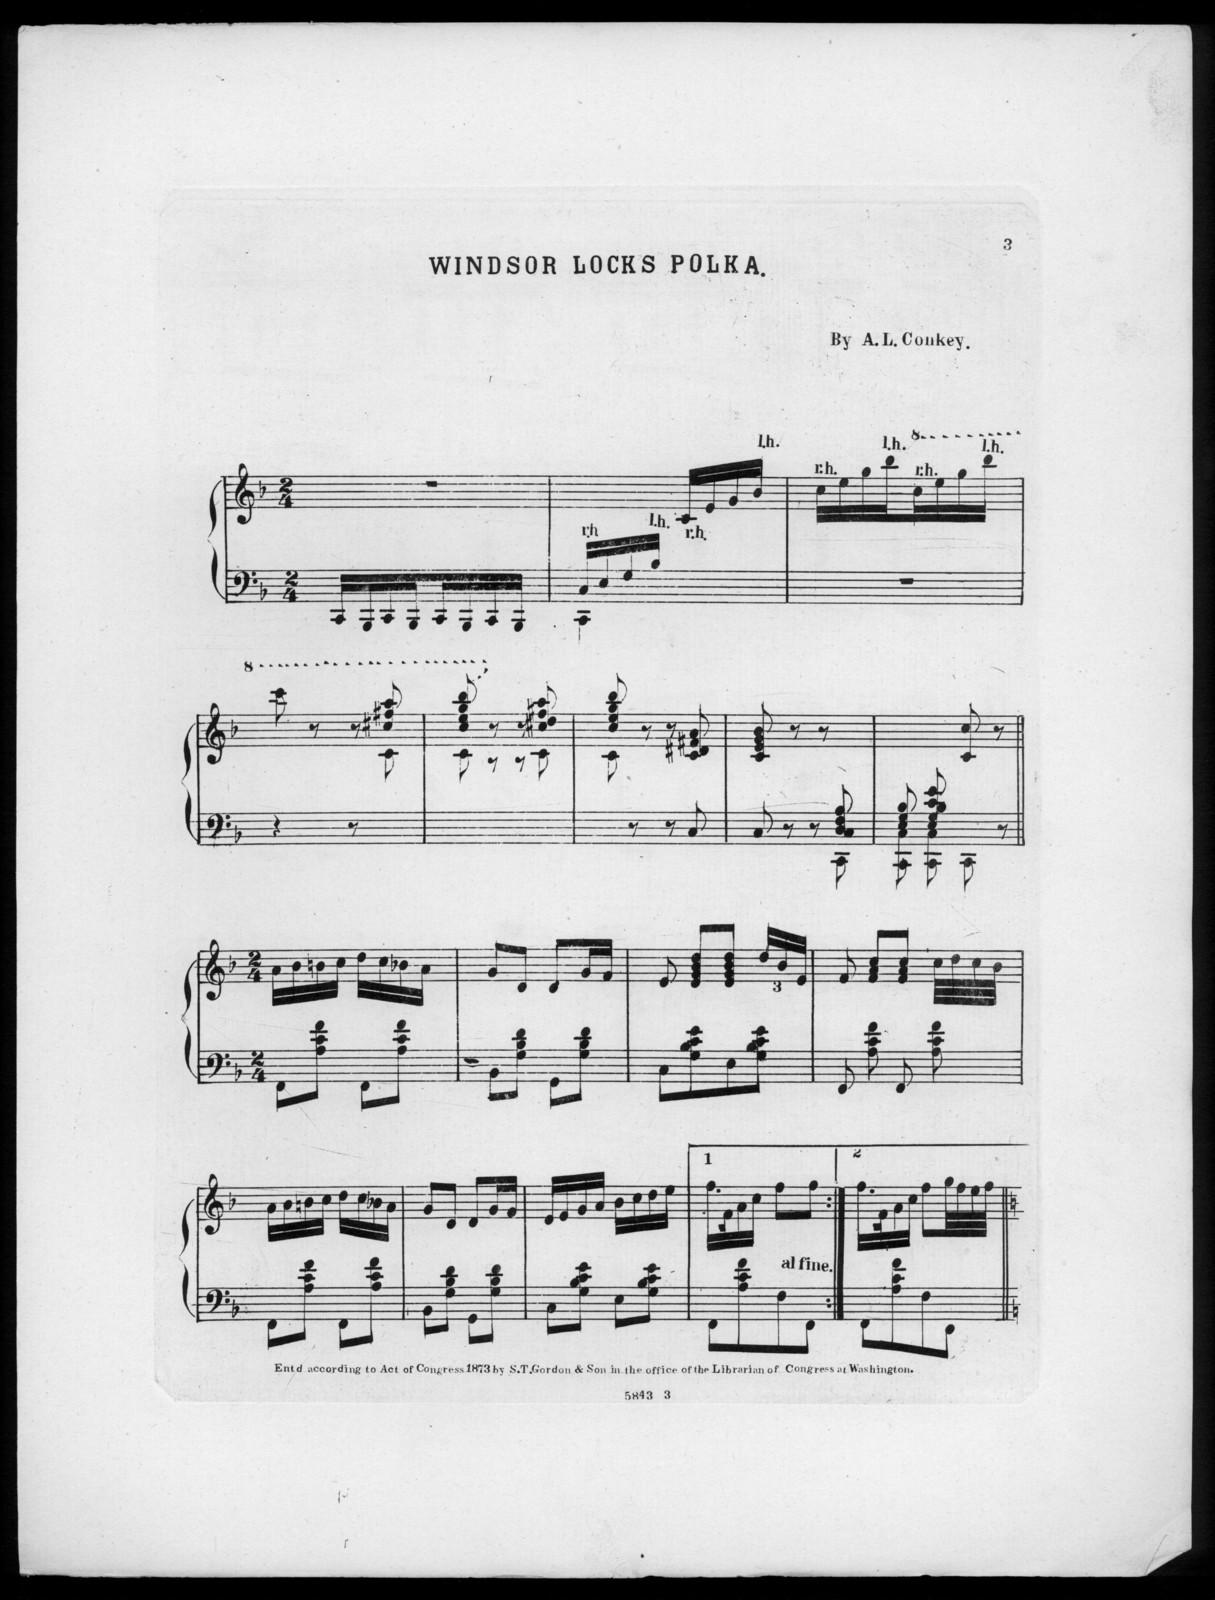 Windsor lock's polka